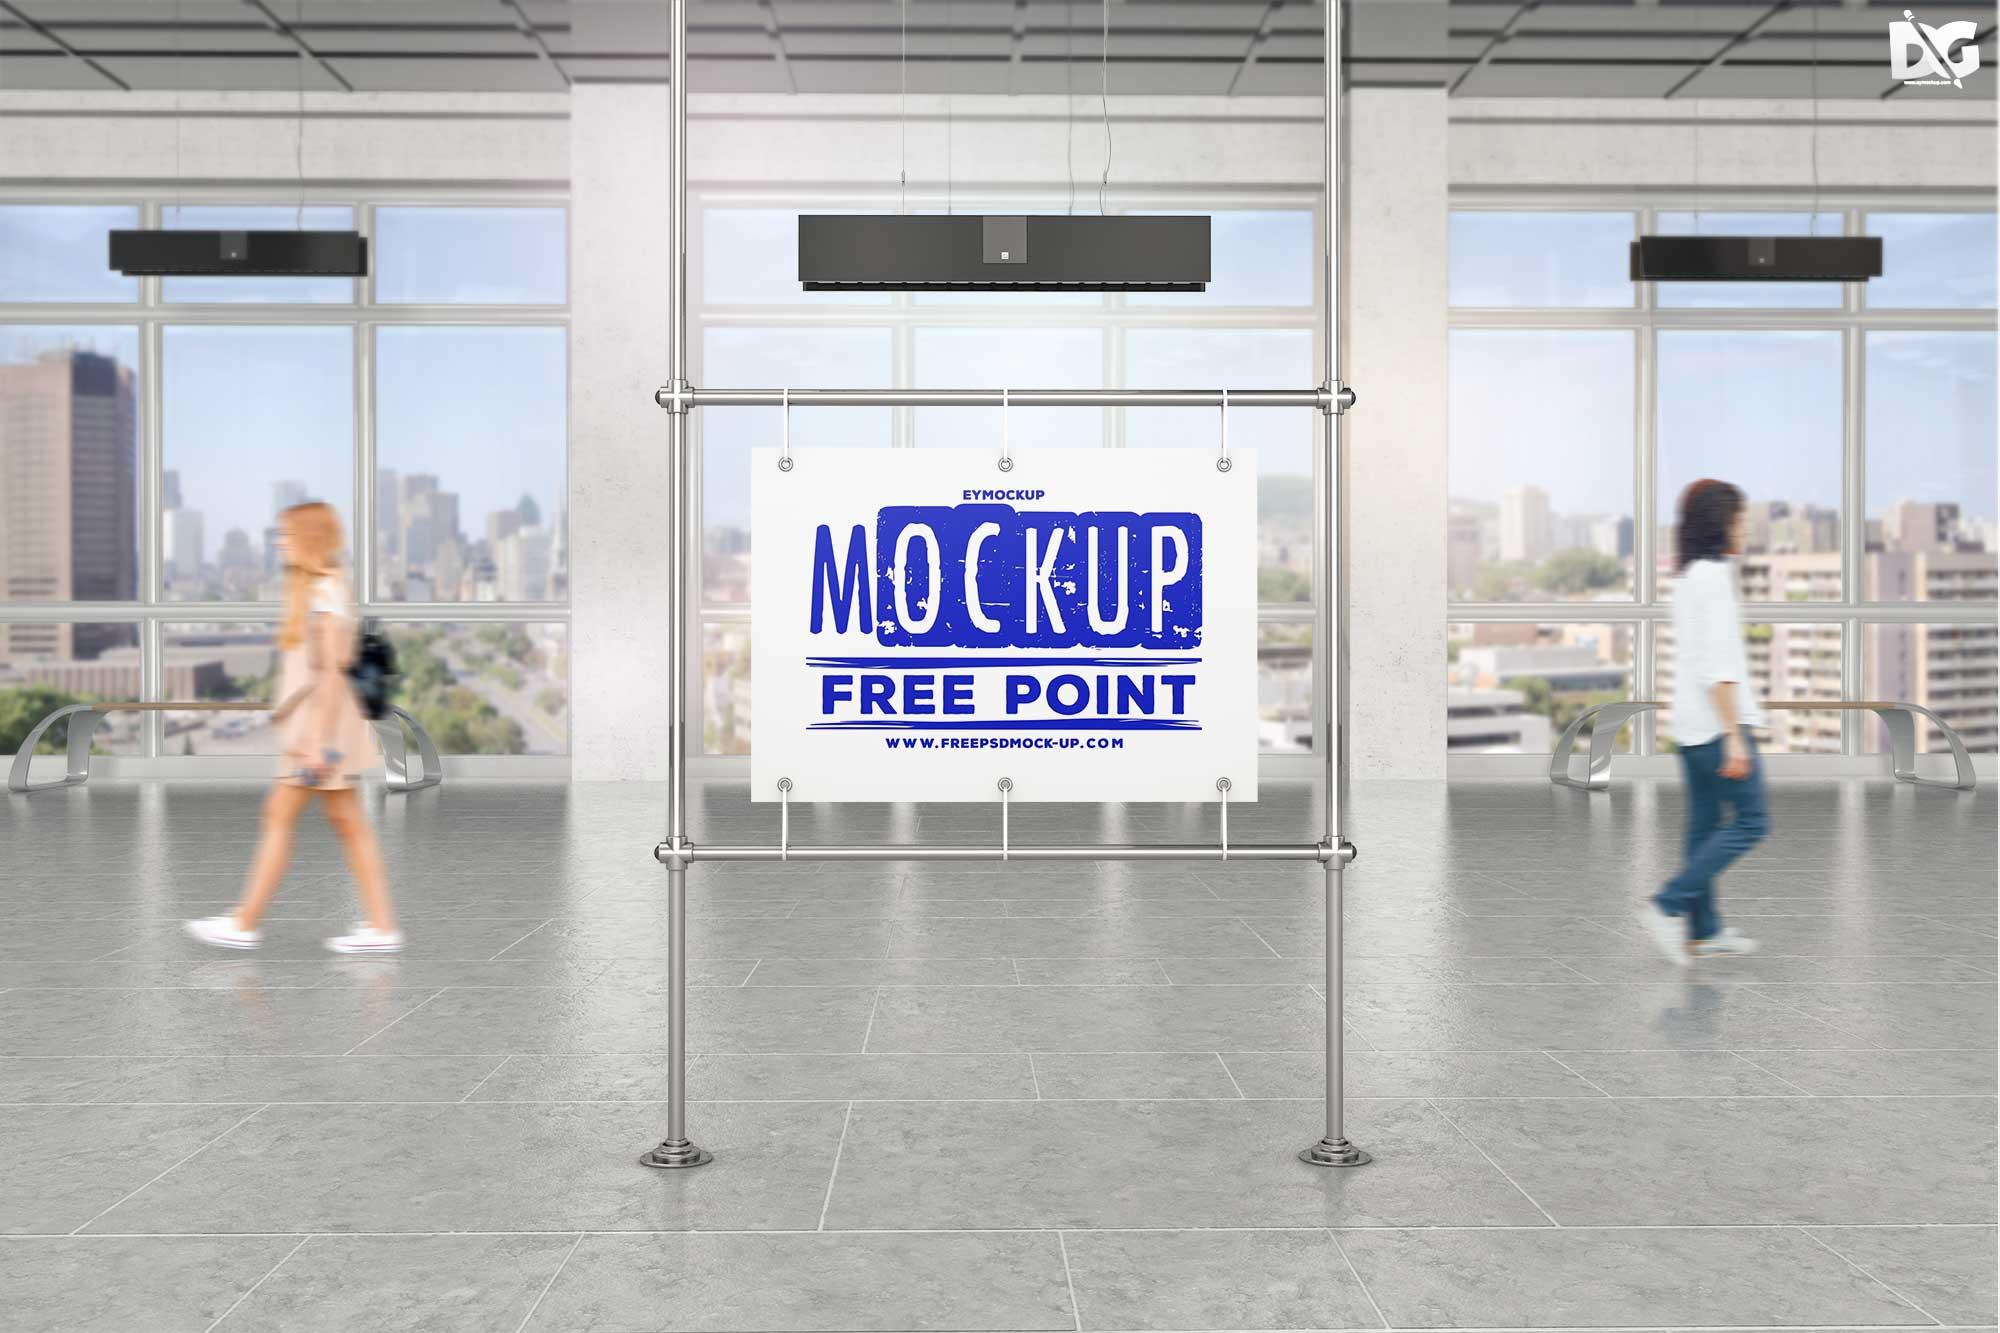 户外广告牌展示背景模版 - PSD素材免费下载